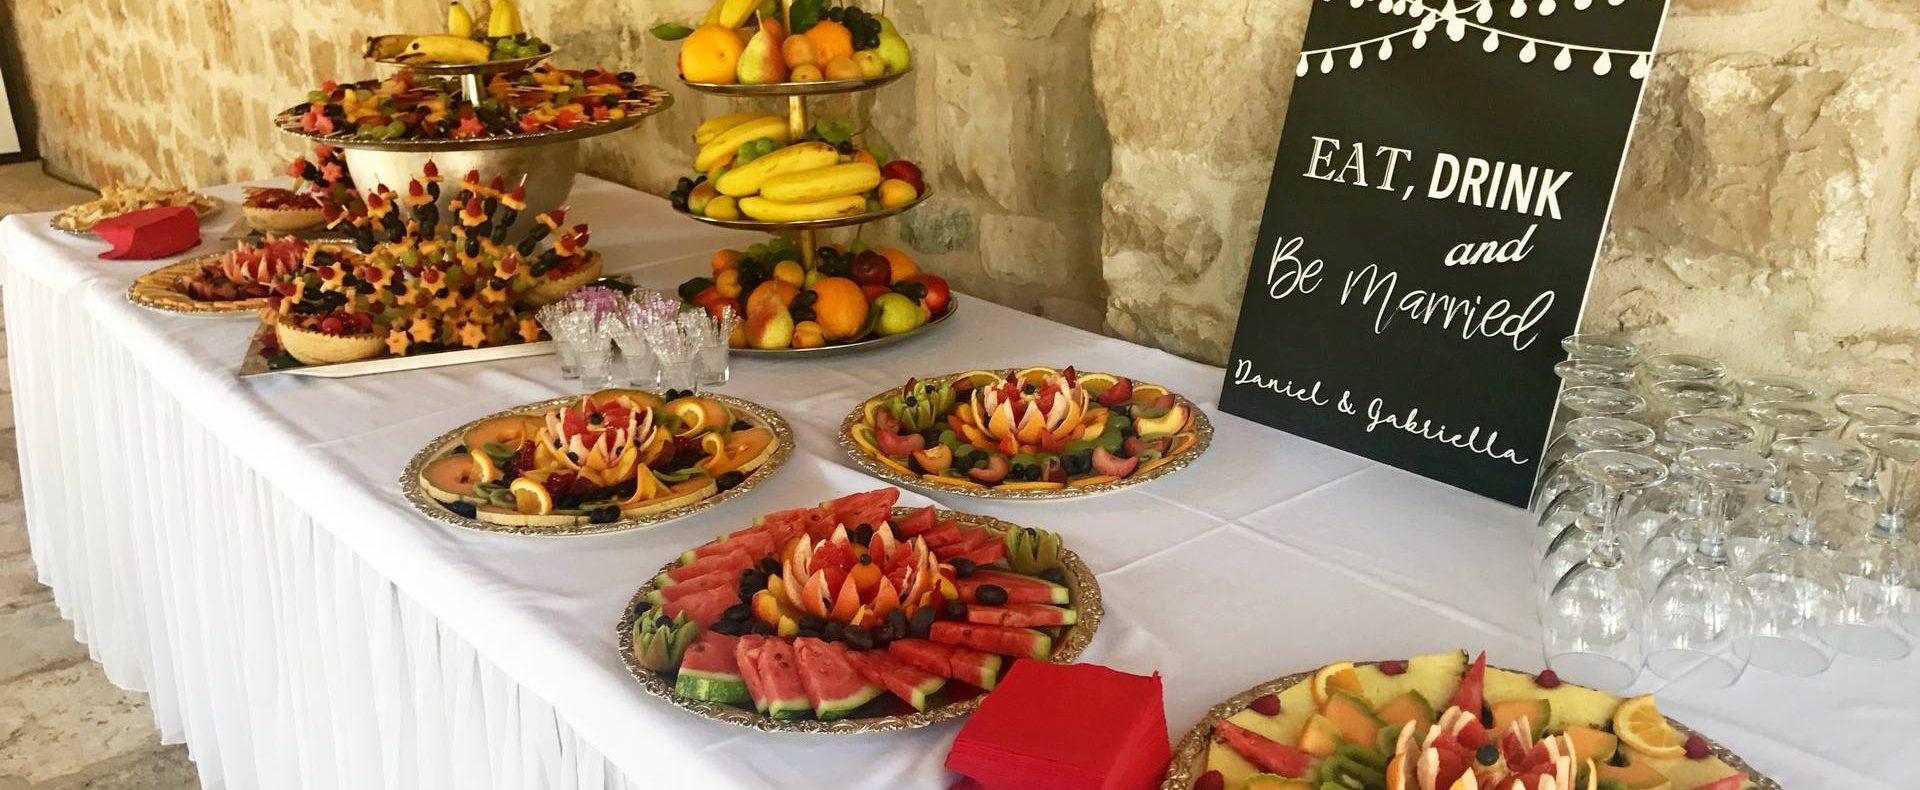 Dubrovnik finger food catering at villa